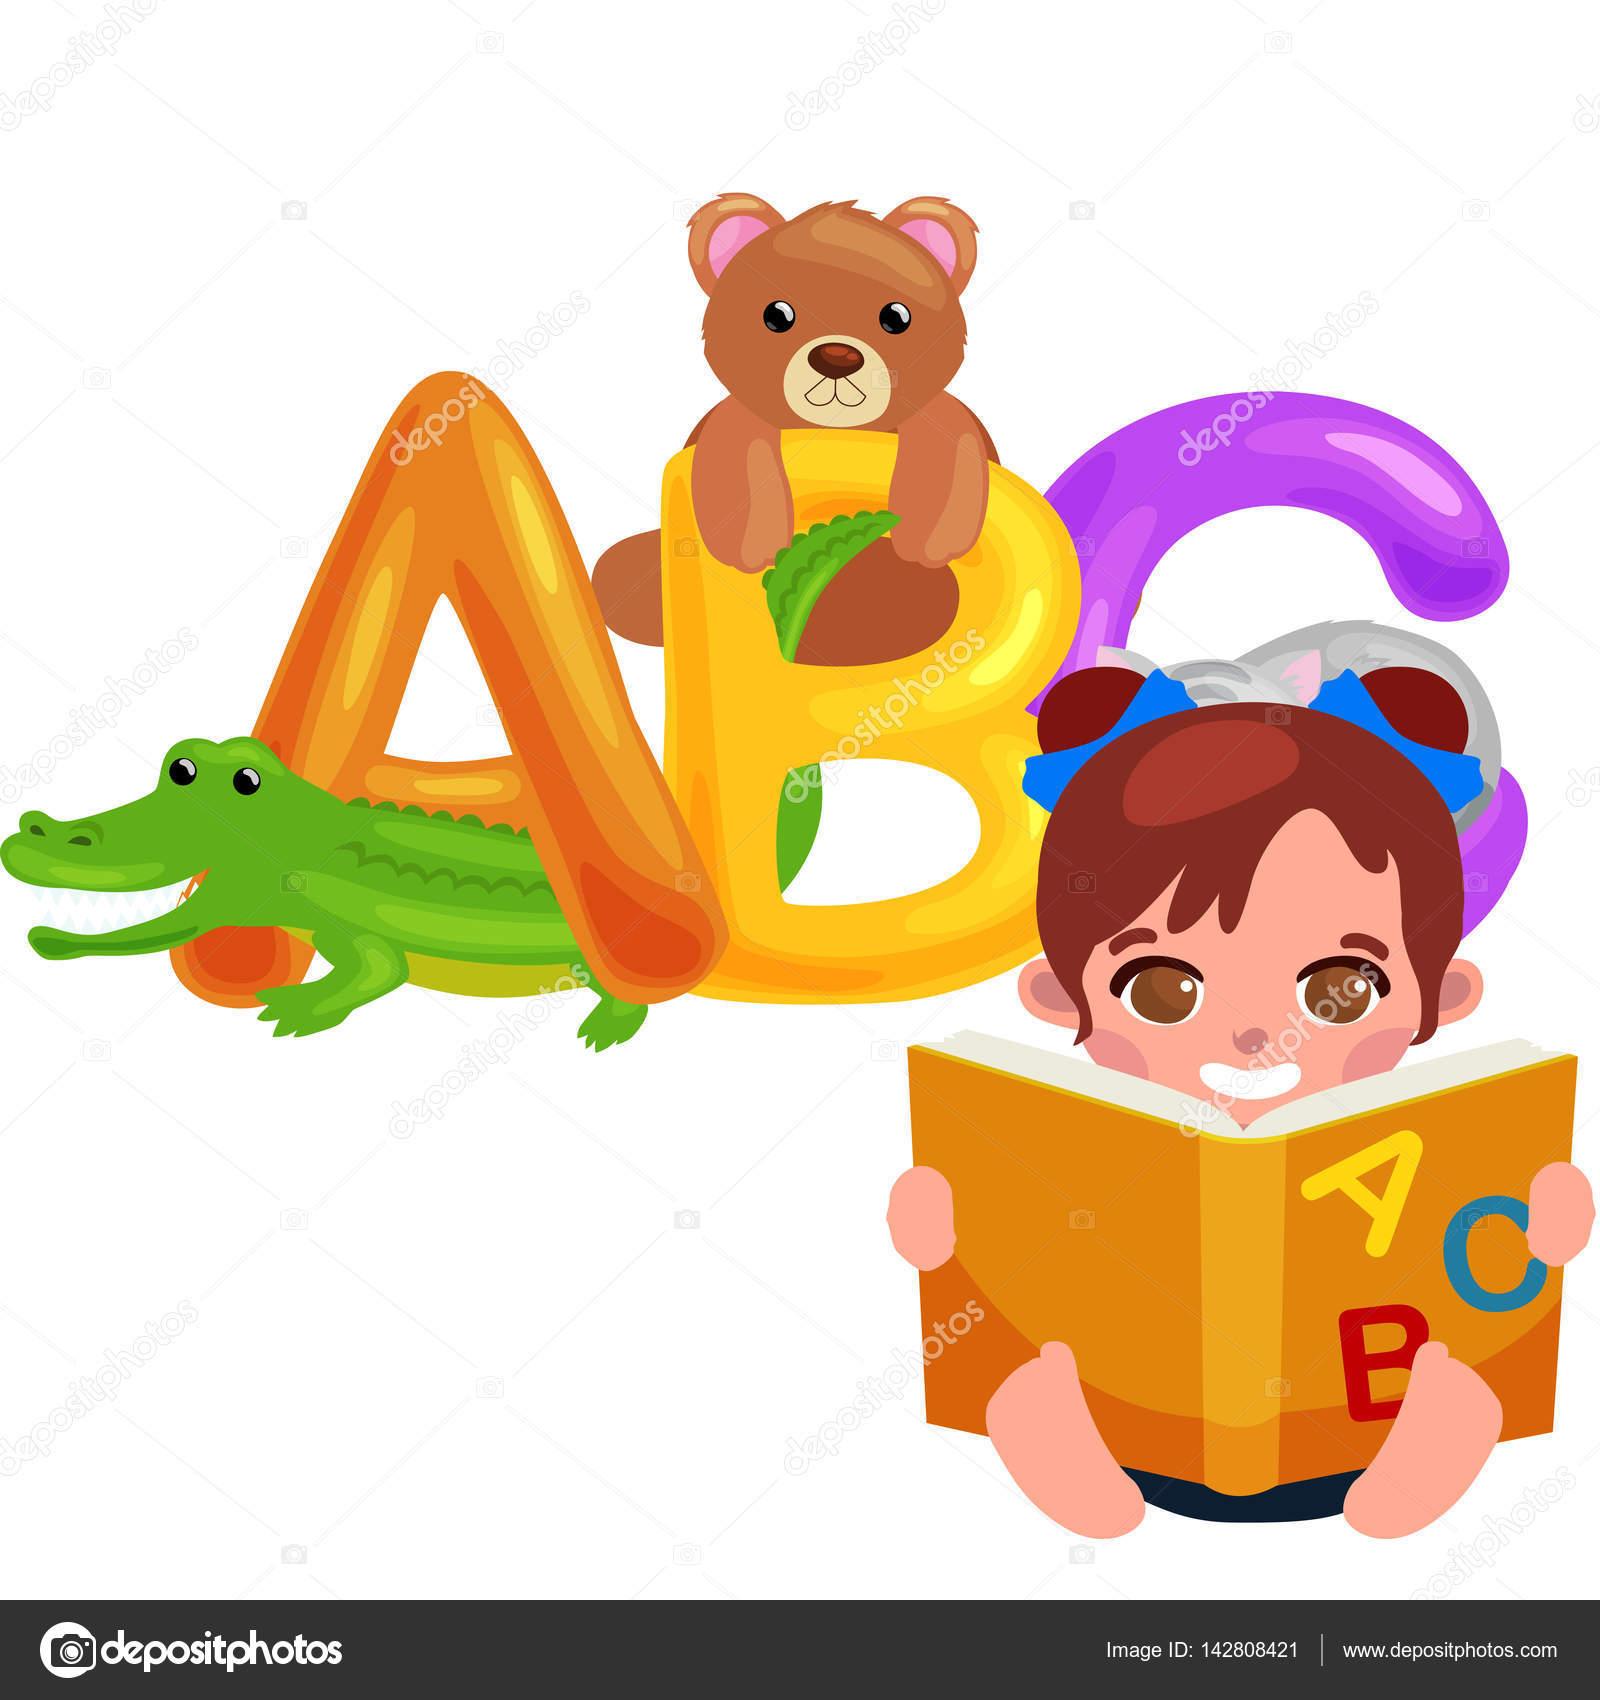 分離された学校や幼稚園の子供のアルファベット教育 abc 動物文字